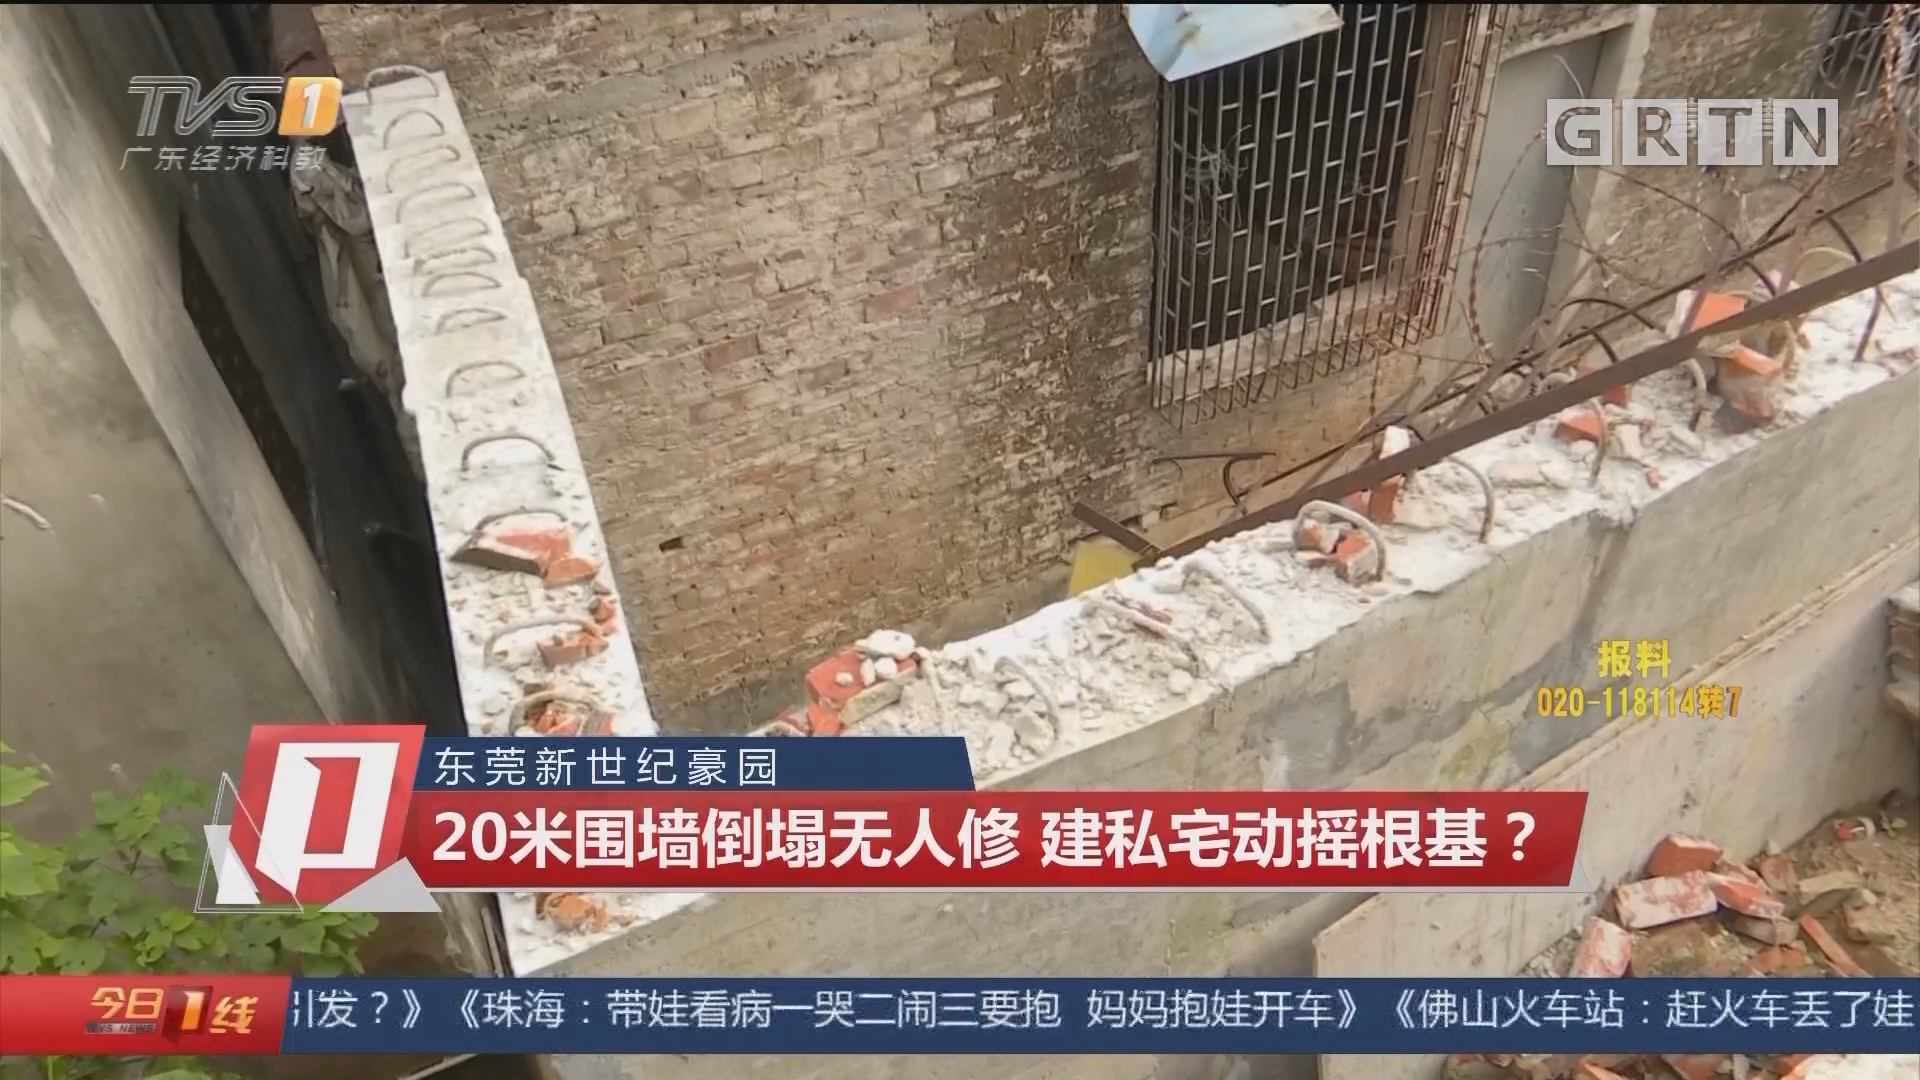 东莞新世纪豪园 20米围墙倒塌无人修 建私宅动摇根基?